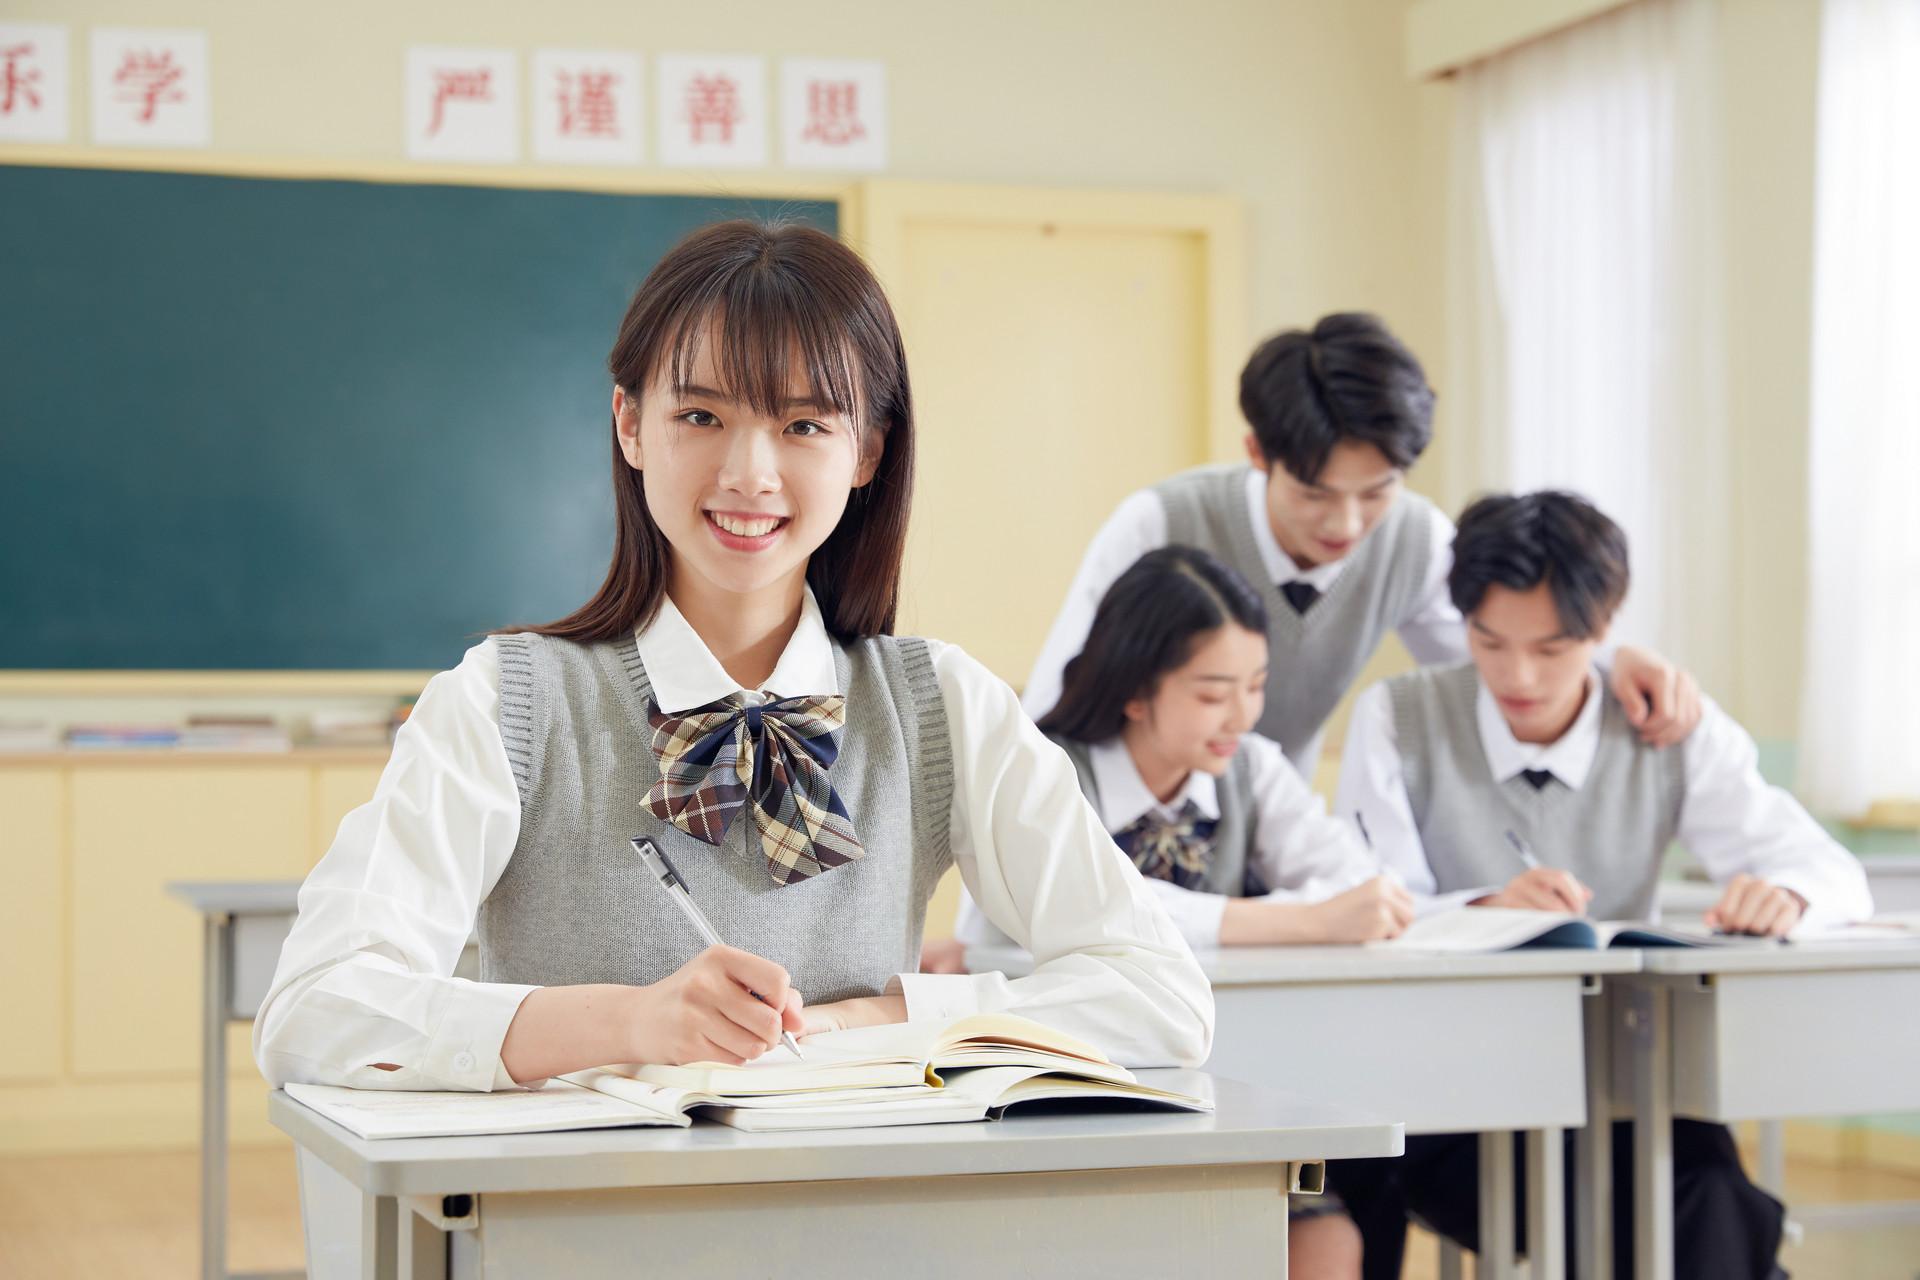 杭州高中生物理竞赛培训班哪个好?